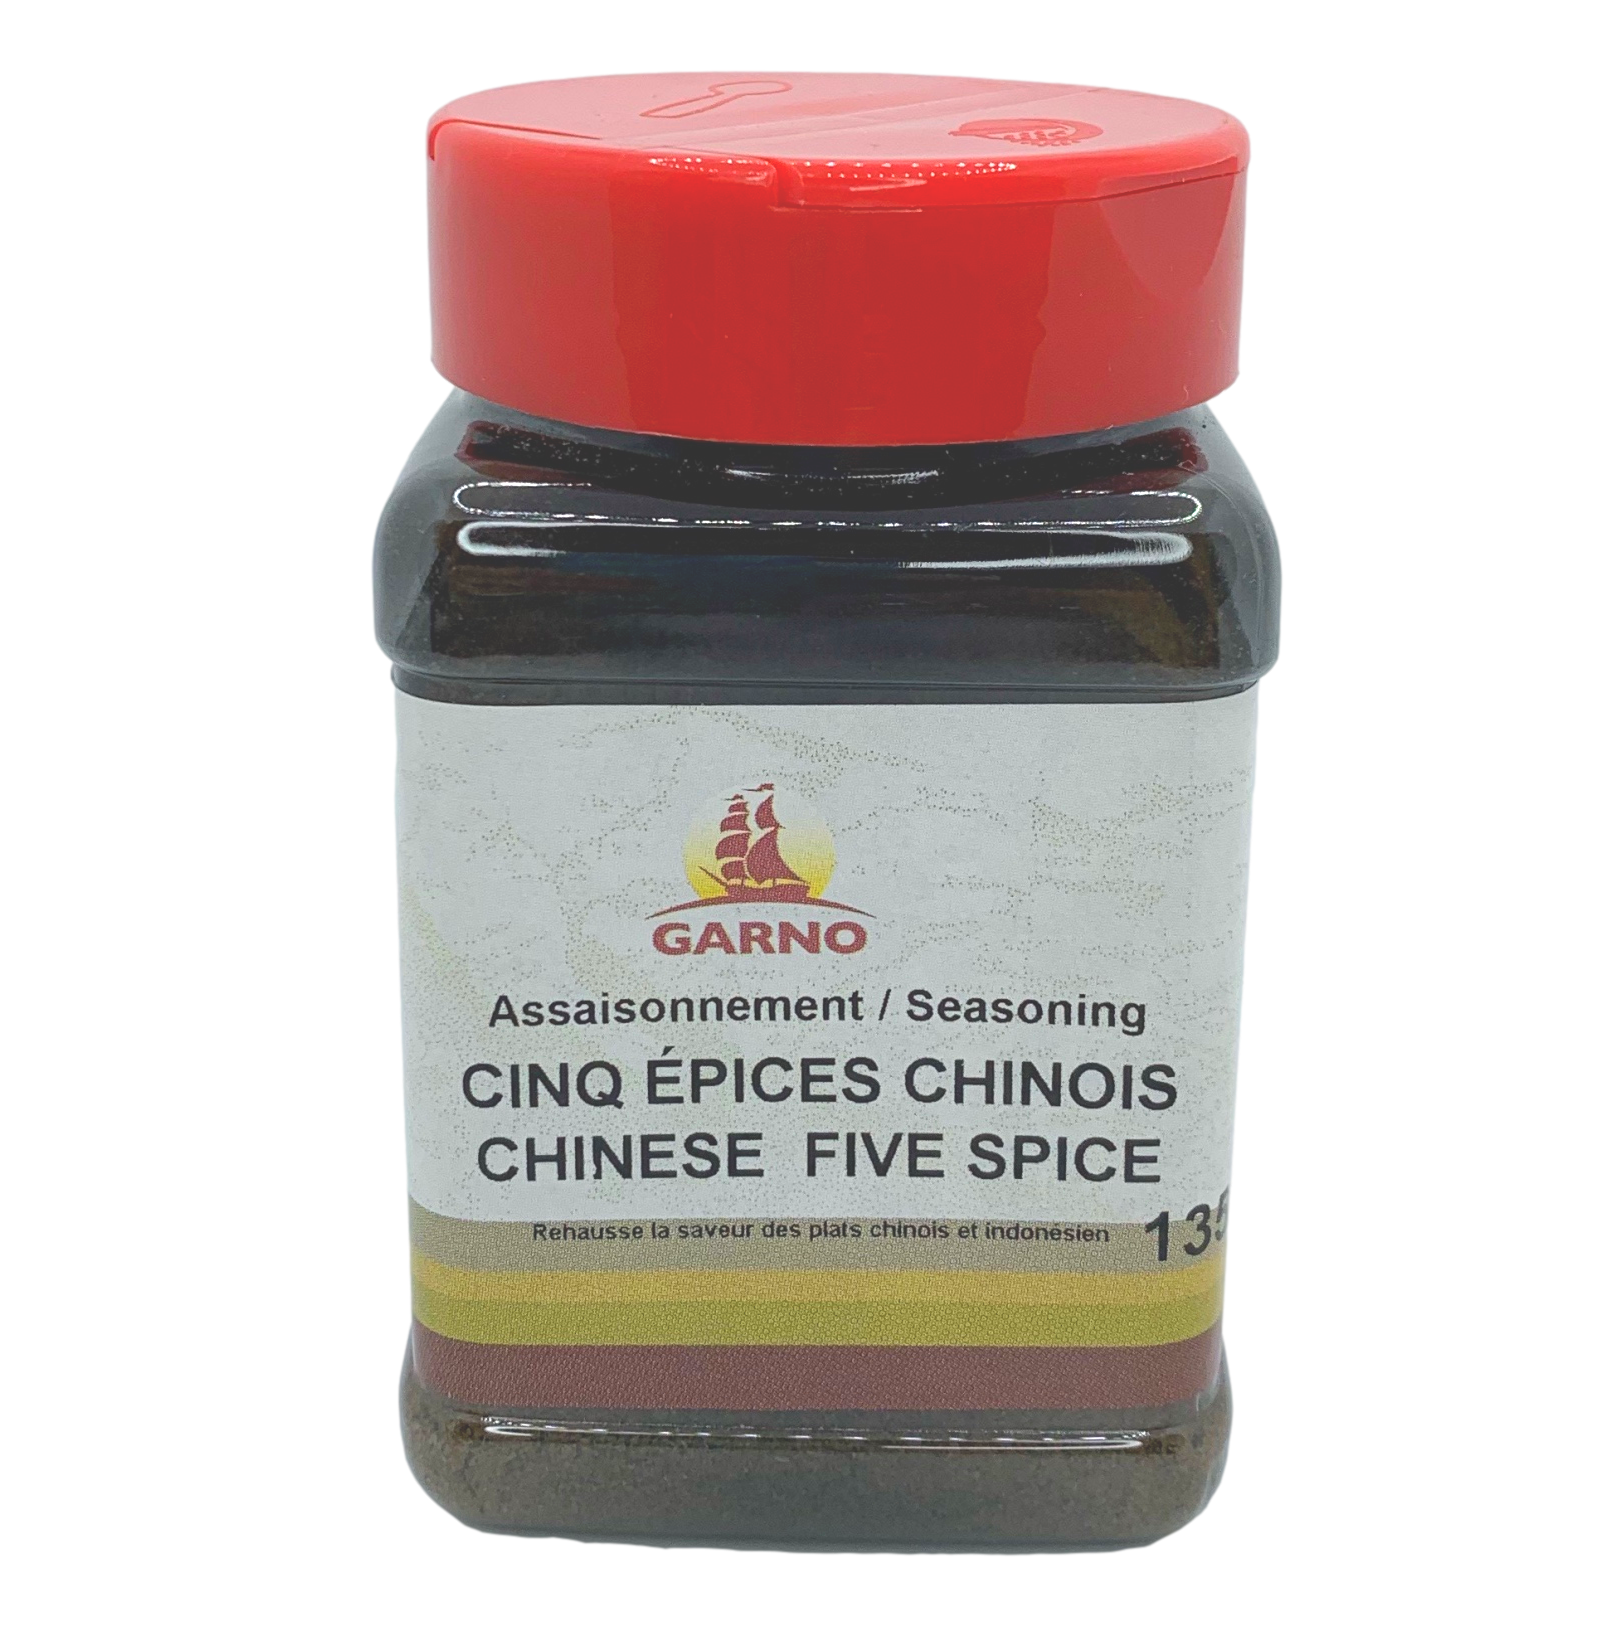 CINQ ÉPICES CHINOIS